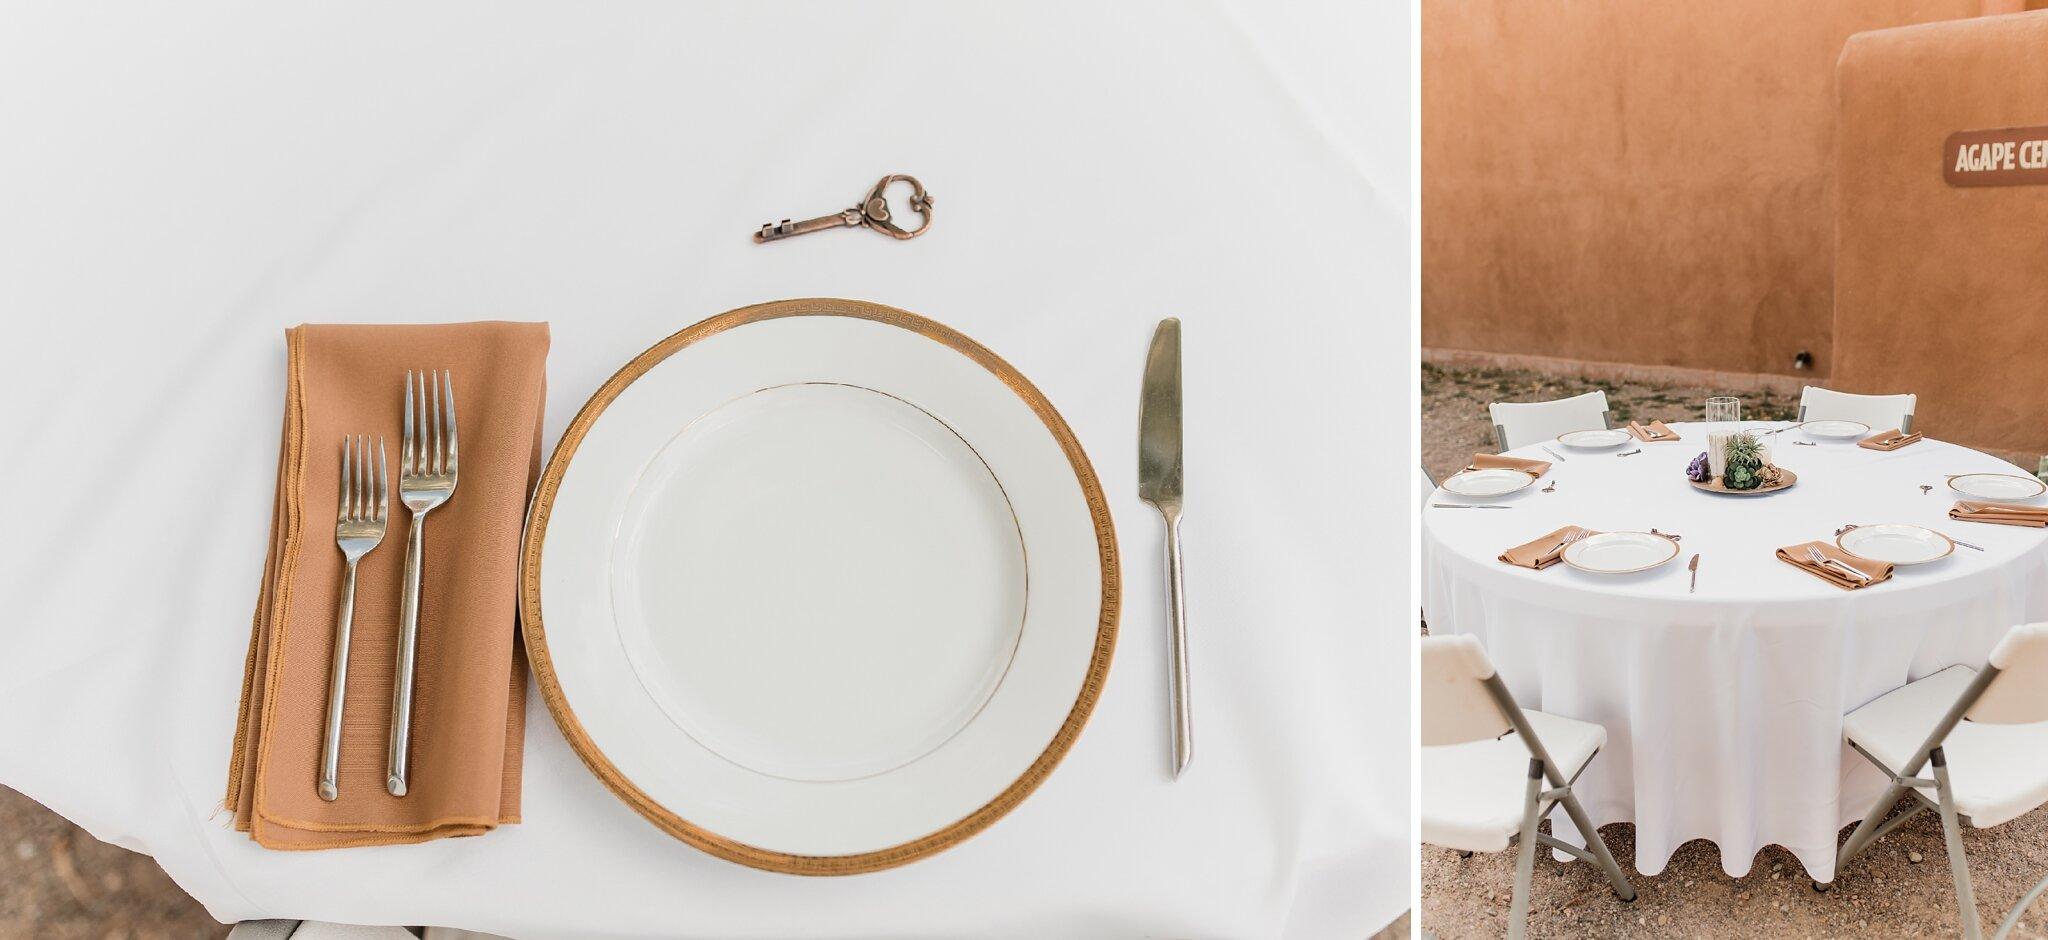 Alicia+lucia+photography+-+albuquerque+wedding+photographer+-+santa+fe+wedding+photography+-+new+mexico+wedding+photographer+-+new+mexico+wedding+-+wedding+-+santa+fe+wedding+-+ghost+ranch+-+ghost+ranch+wedding+-+fall+wedding_0068.jpg